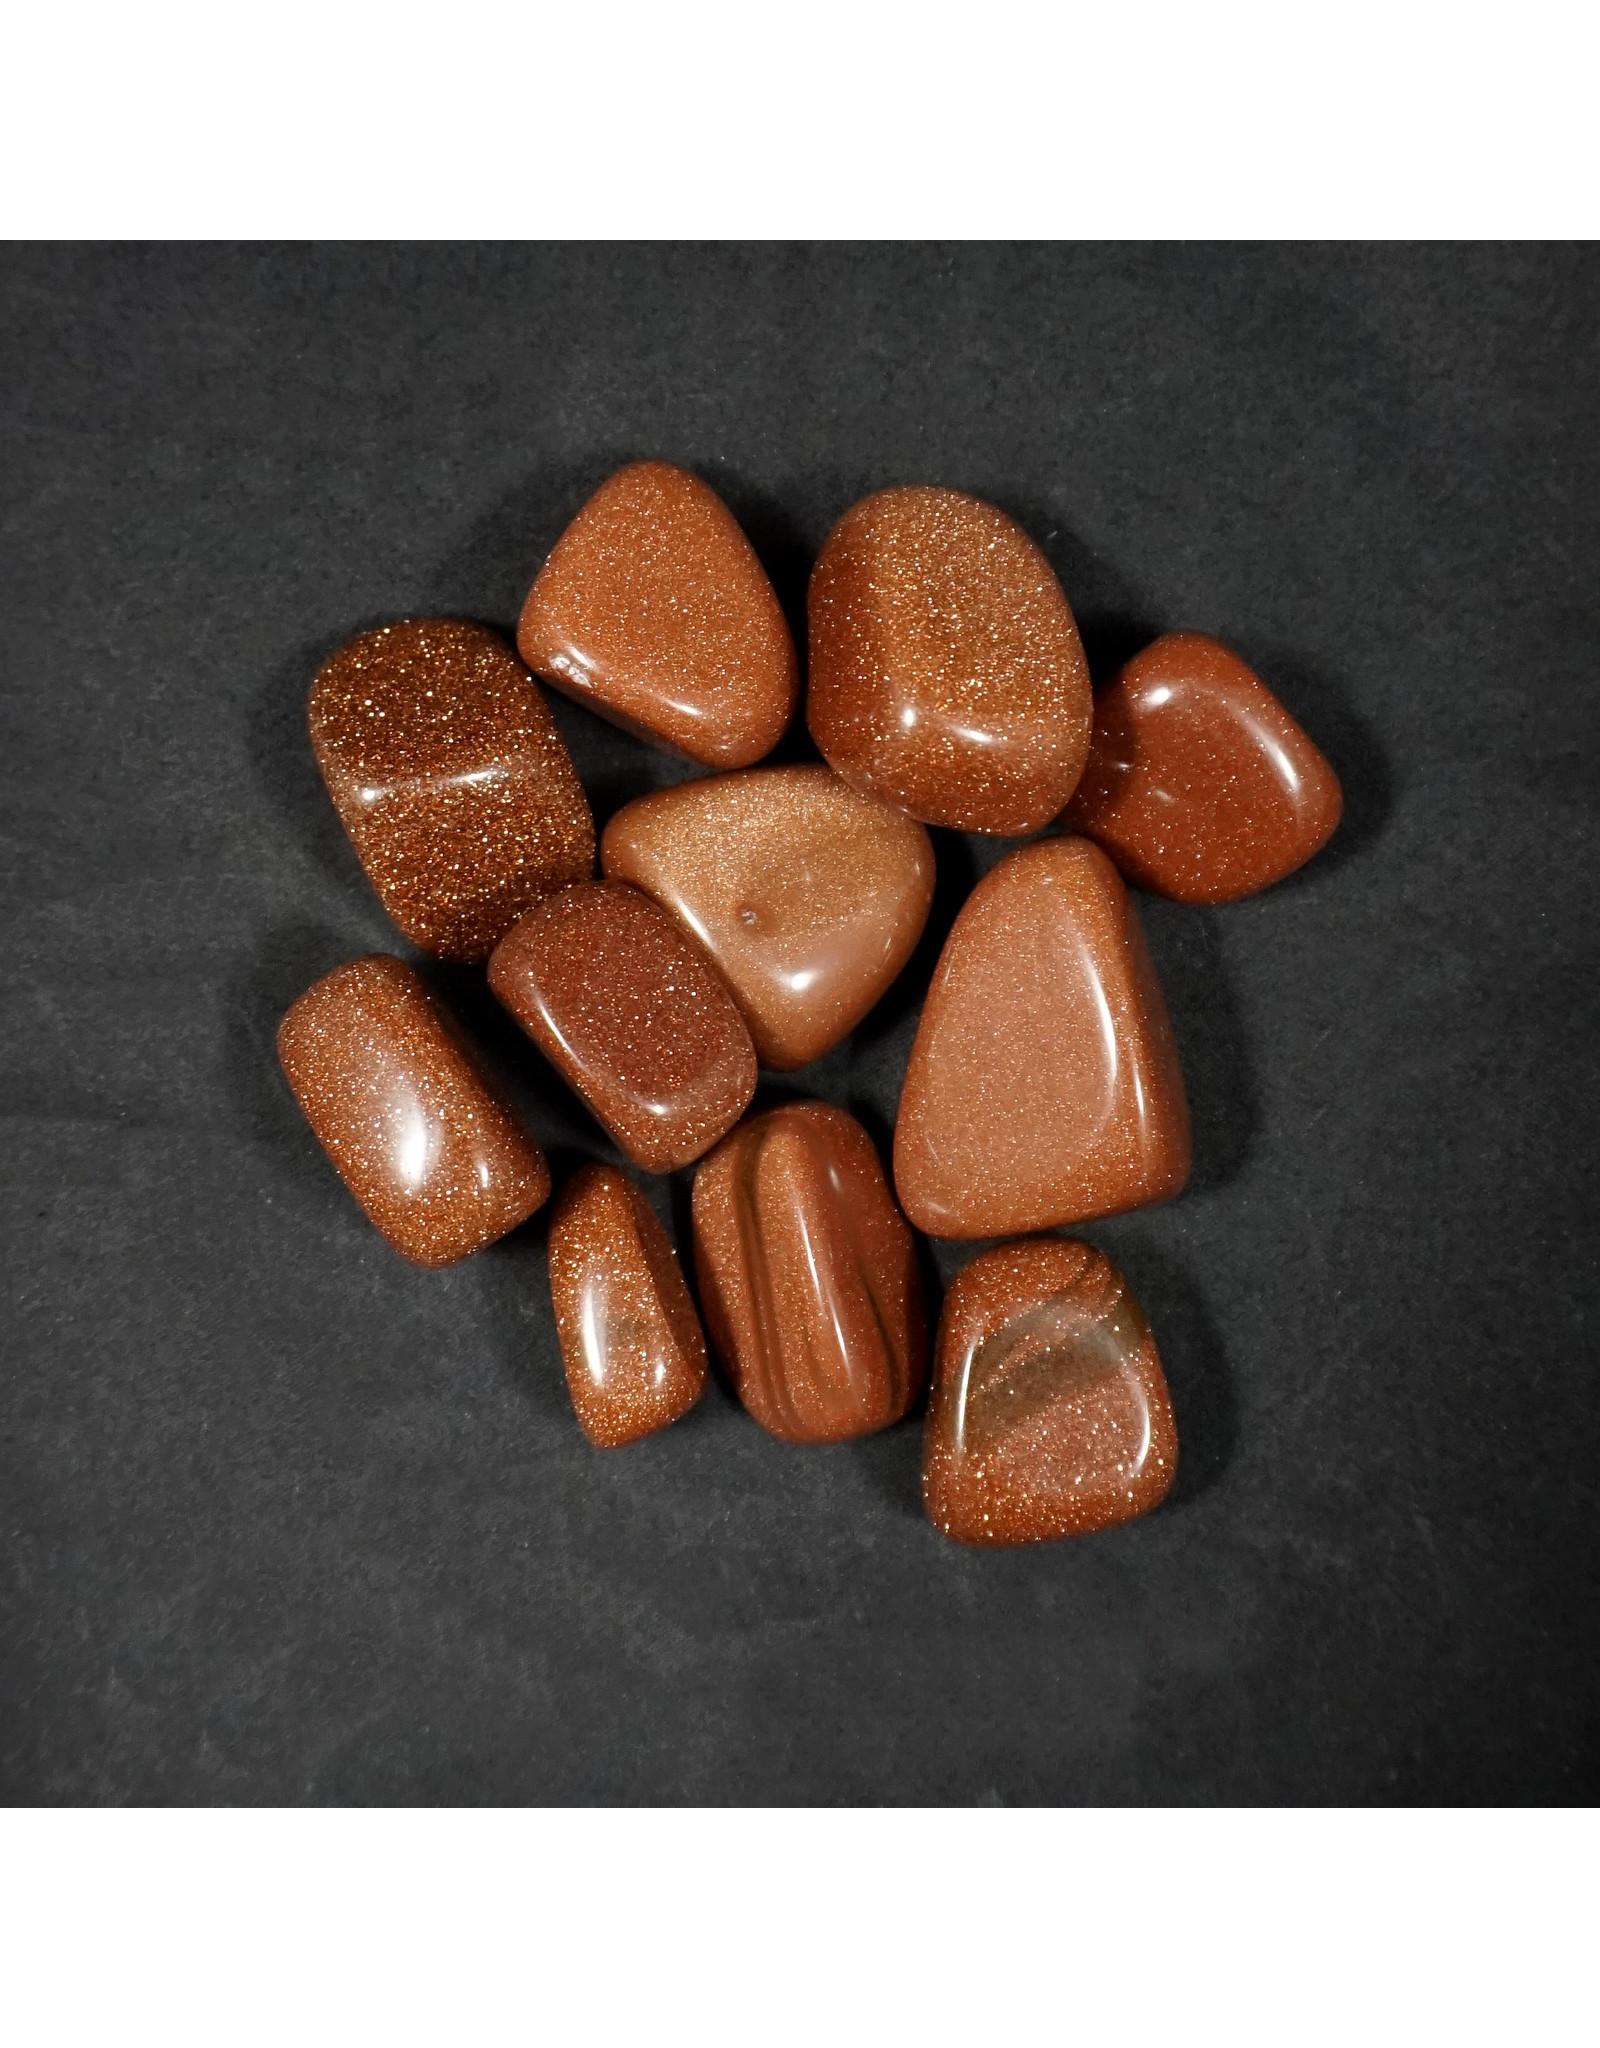 Goldstone Tumbled Stone